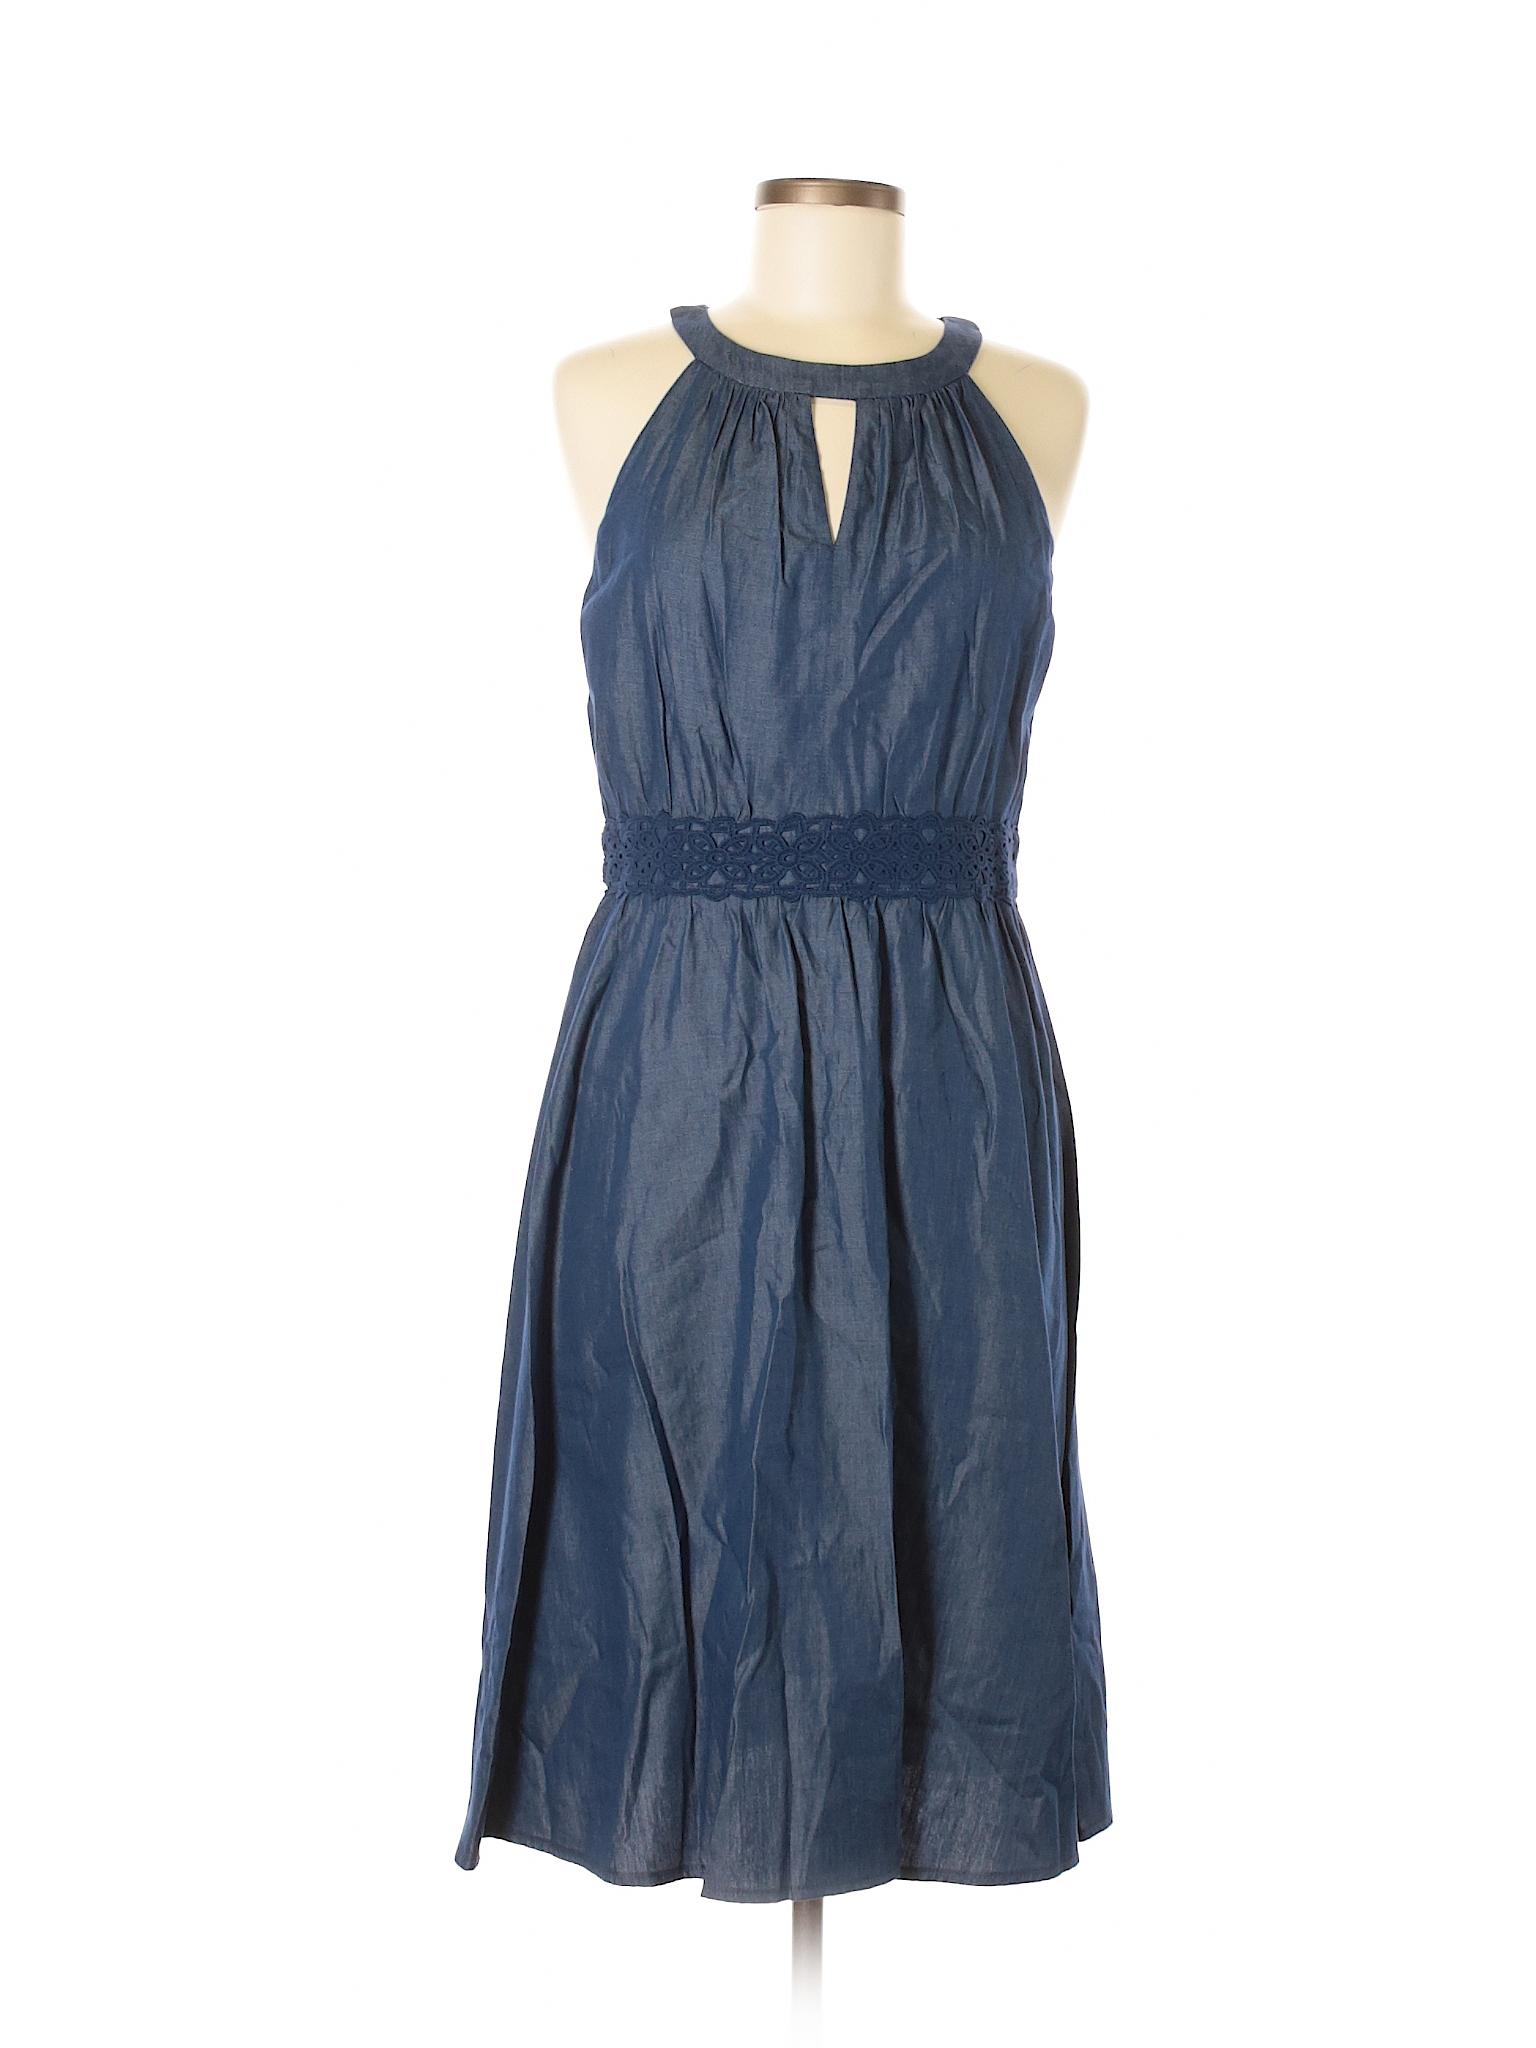 DressBarn Casual DressBarn Selling Selling Casual Dress Dress Selling Selling DressBarn Casual Dress x1qdYwR